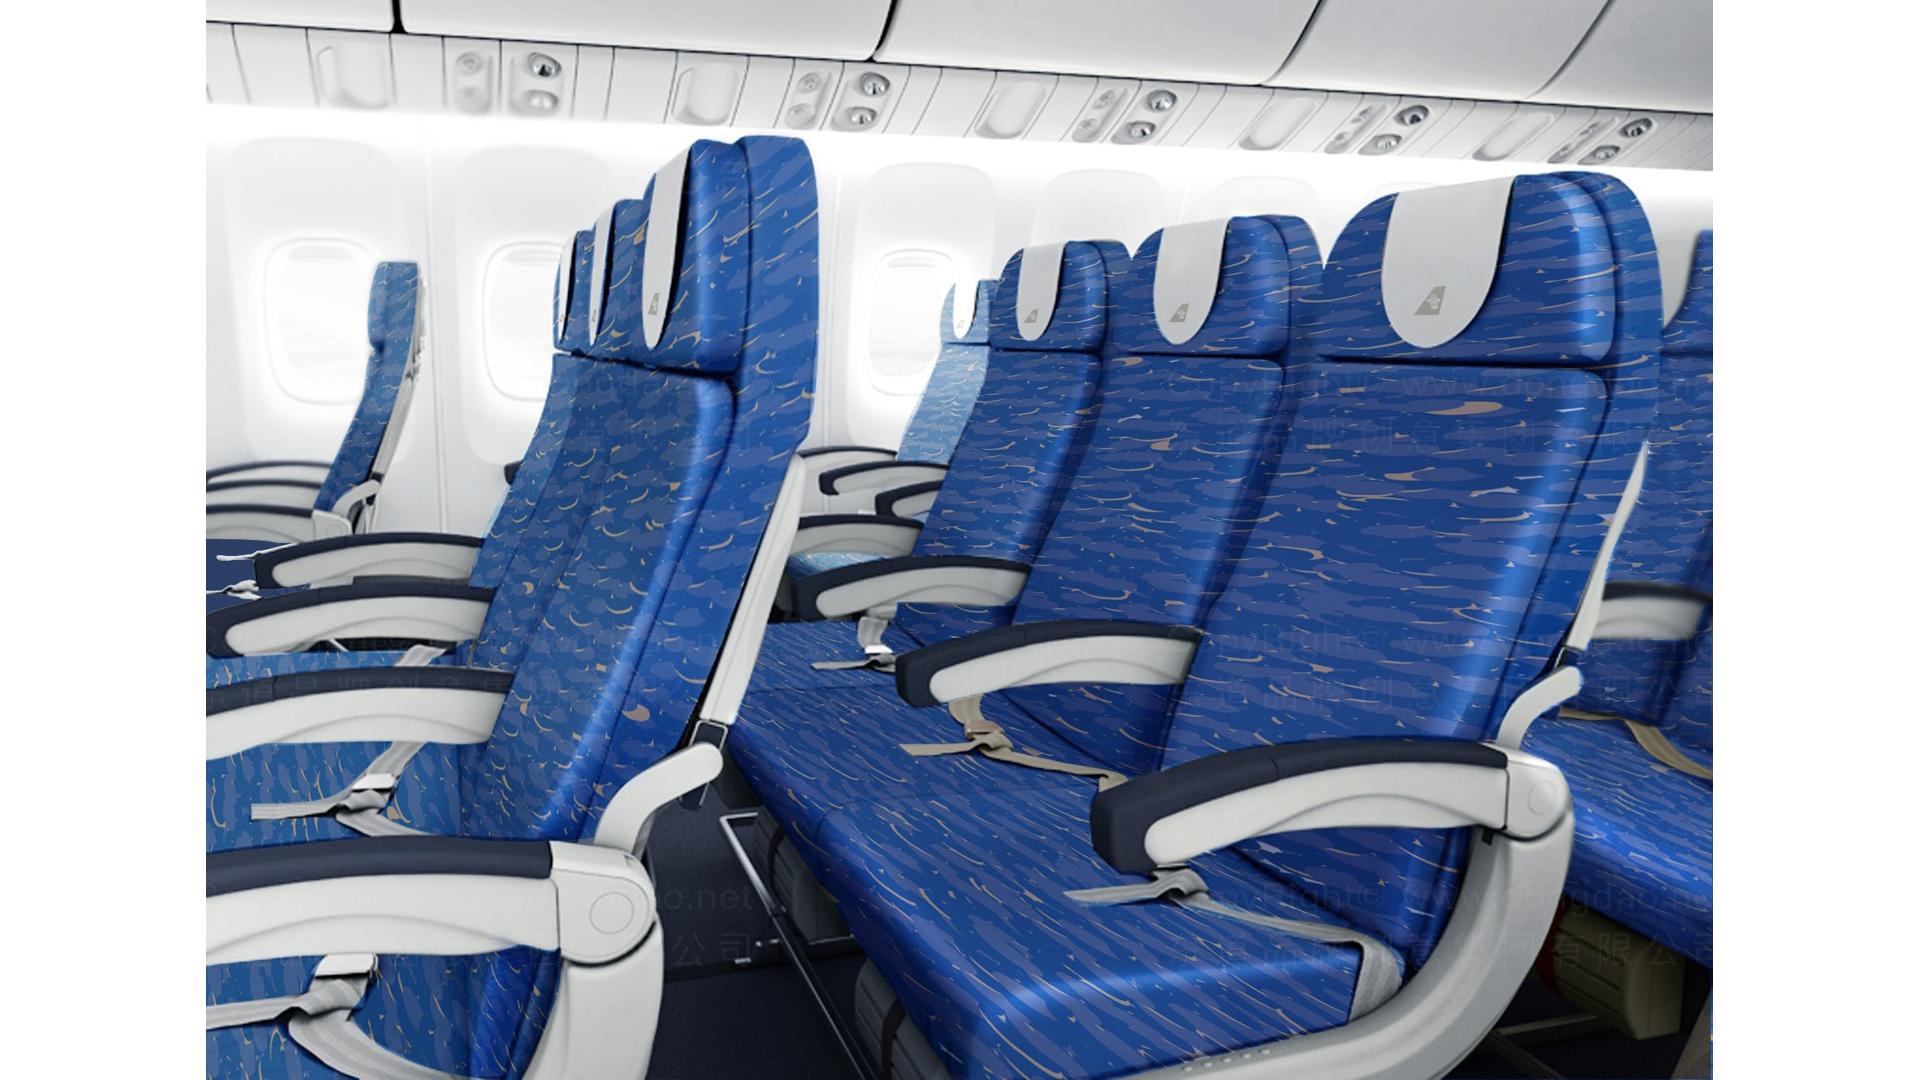 商业空间&导示南方航空三舱设计应用